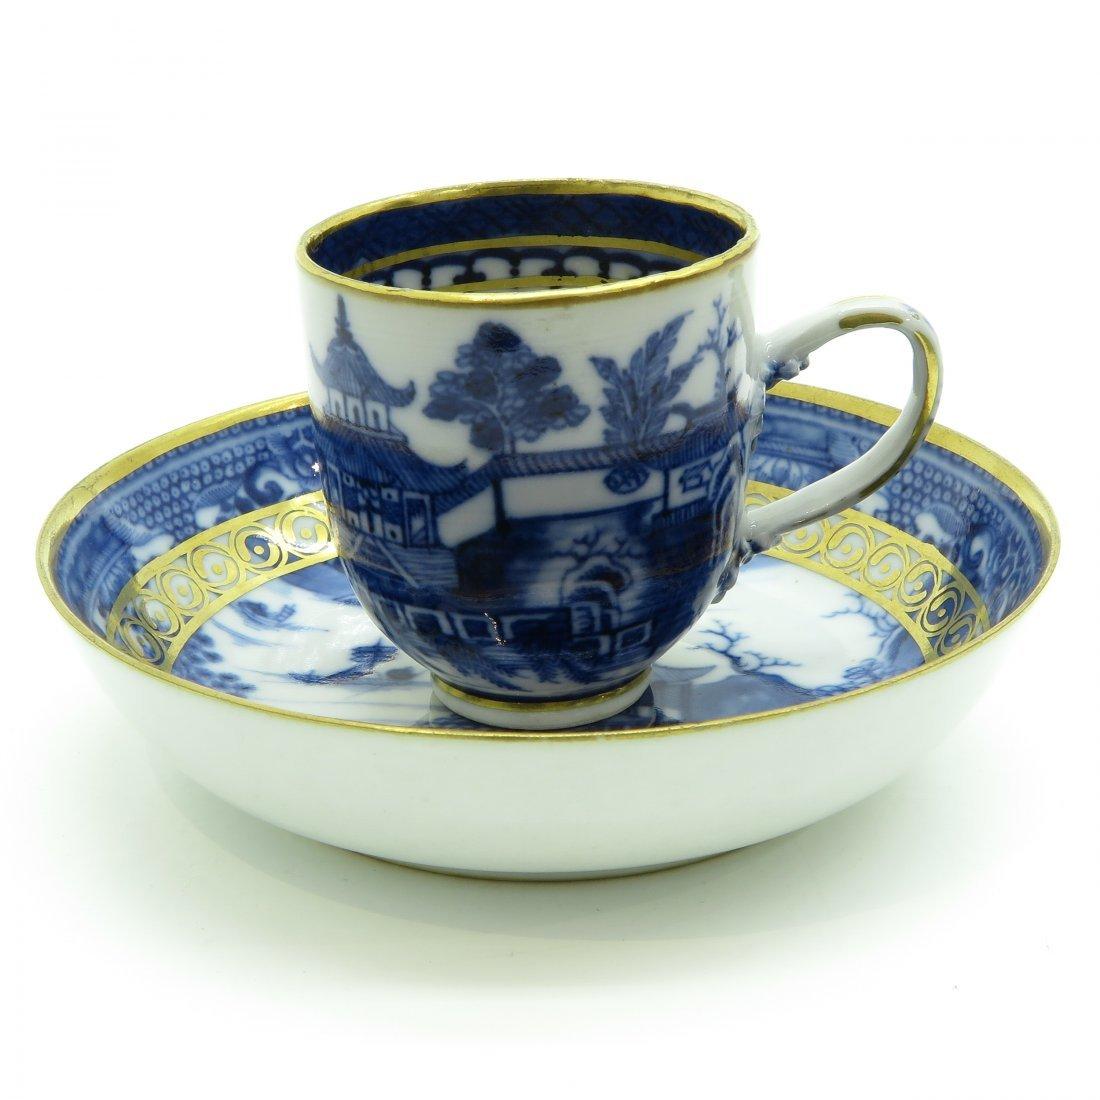 China Porcelain Cup and Saucer Circa 1800